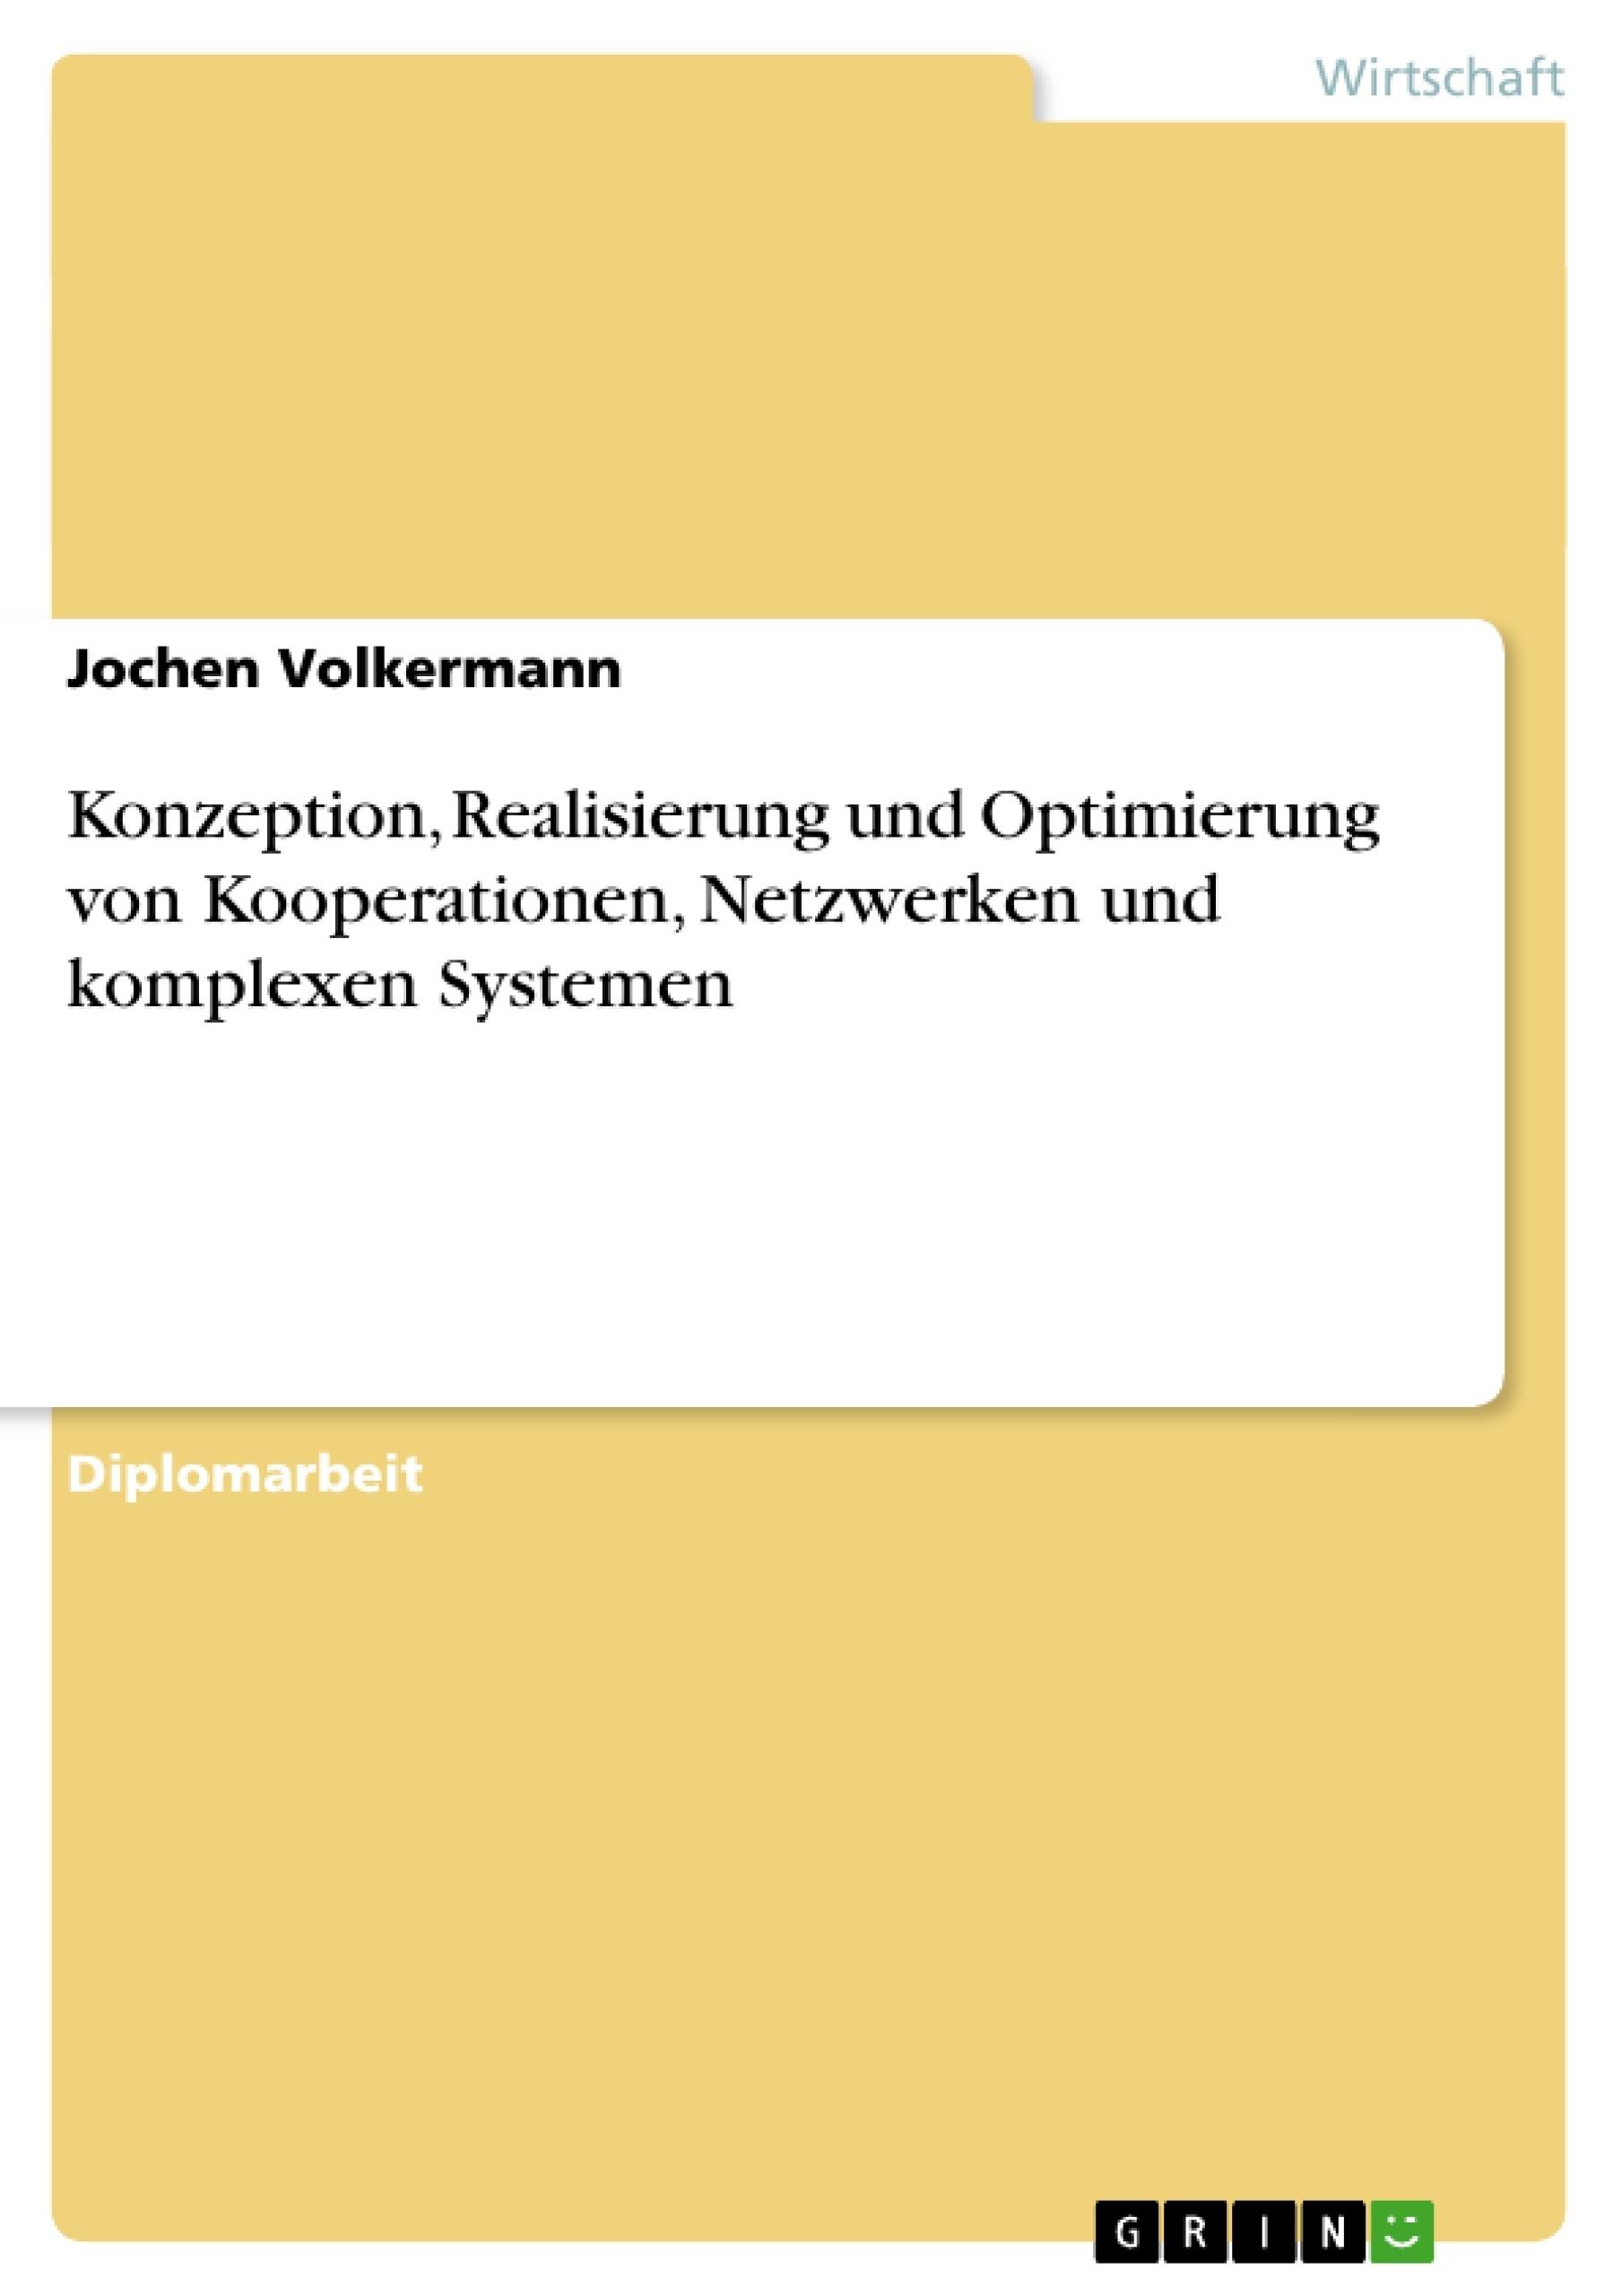 Titel: Konzeption, Realisierung und Optimierung von Kooperationen, Netzwerken und komplexen Systemen